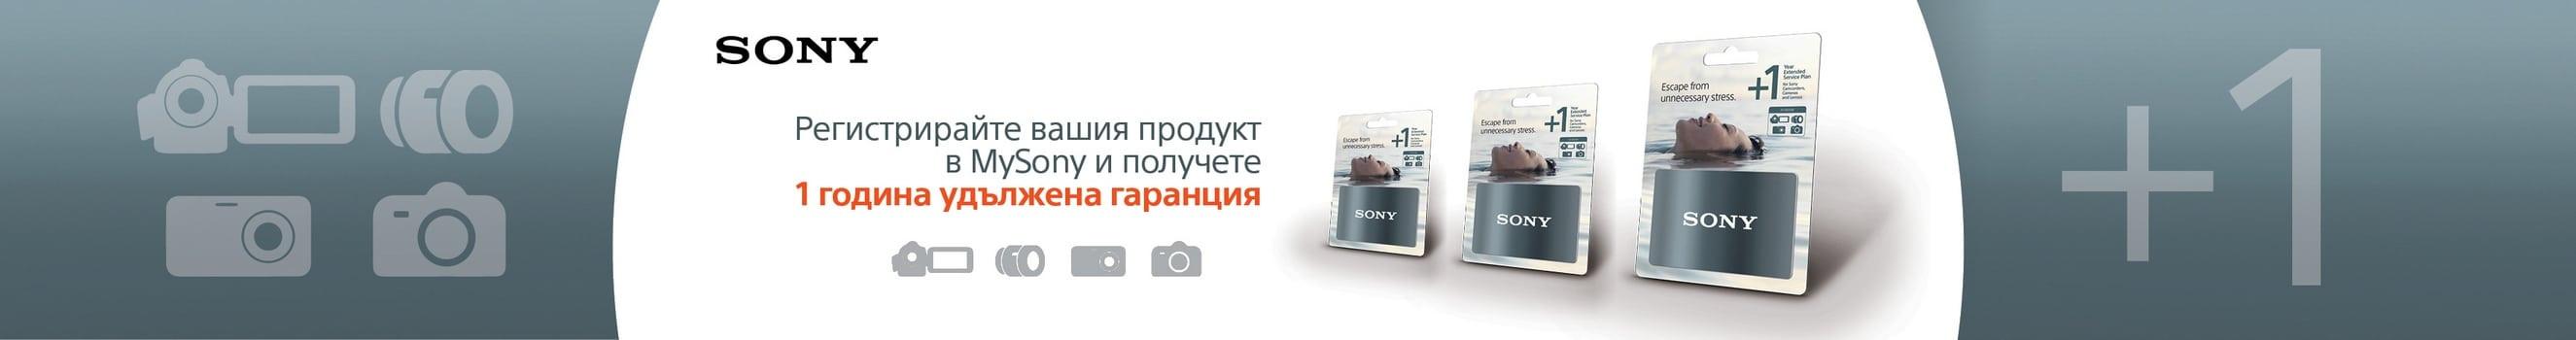 1 г. допълнителна гаранция за фотоапарати и обективи Sony